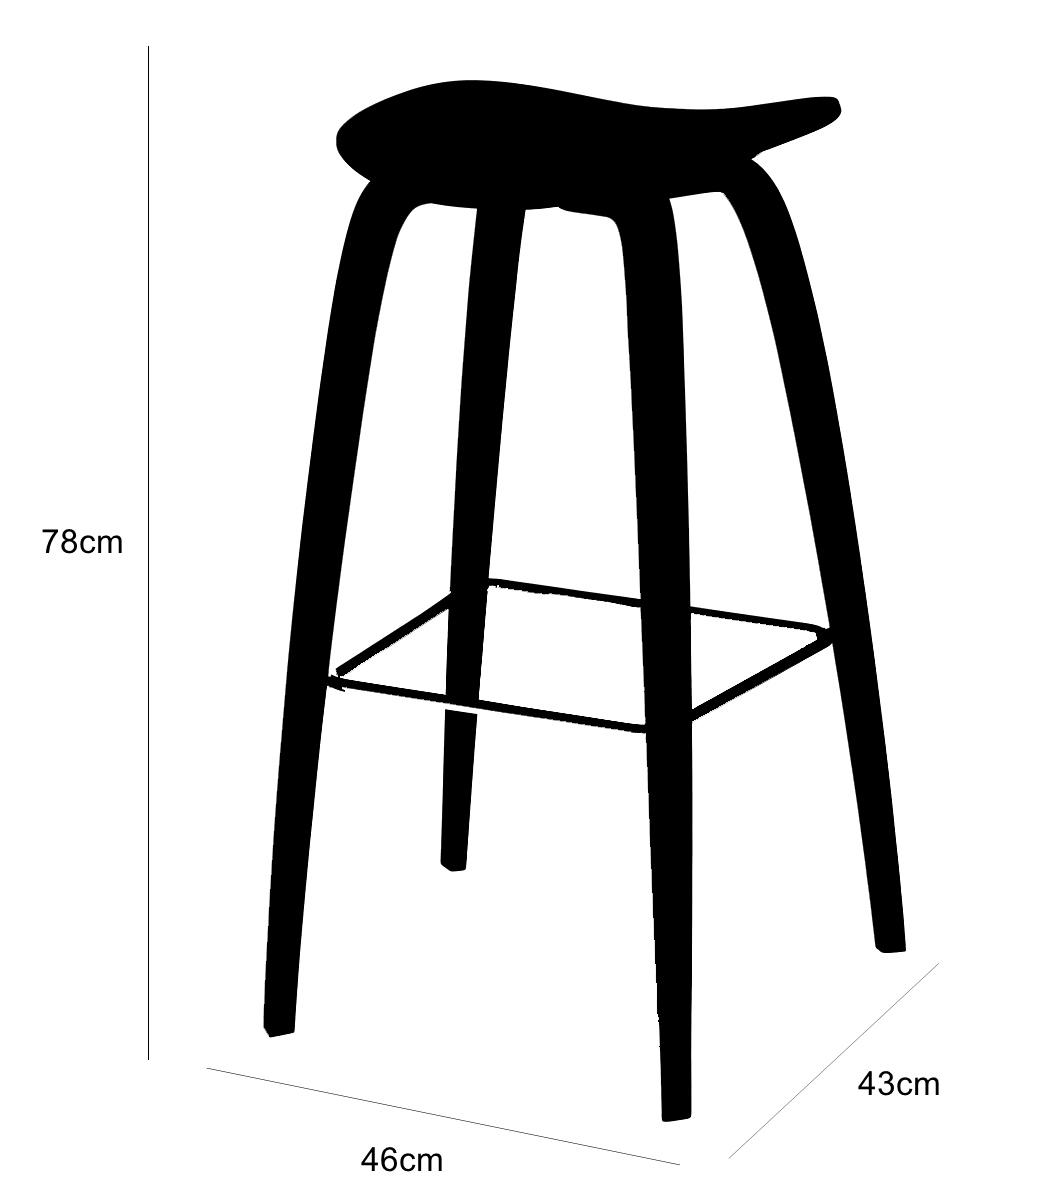 schéma-2D-Stool_bar